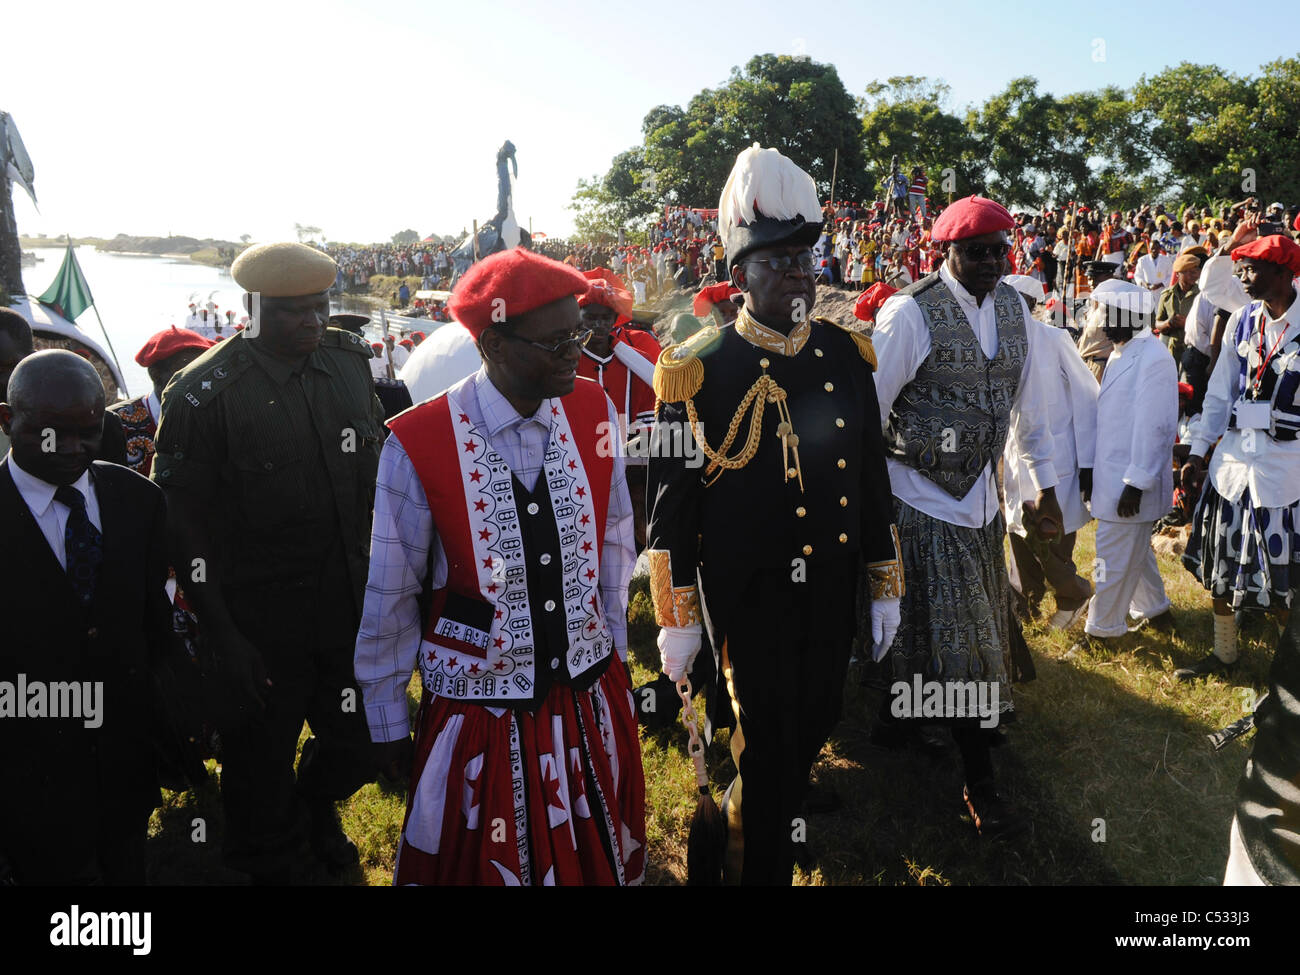 ZAMBIA Barotseland , Kuomboka ceremony, the Lozi king Litunga Lubosi Imwiko change his residence from Lealui to - Stock Image